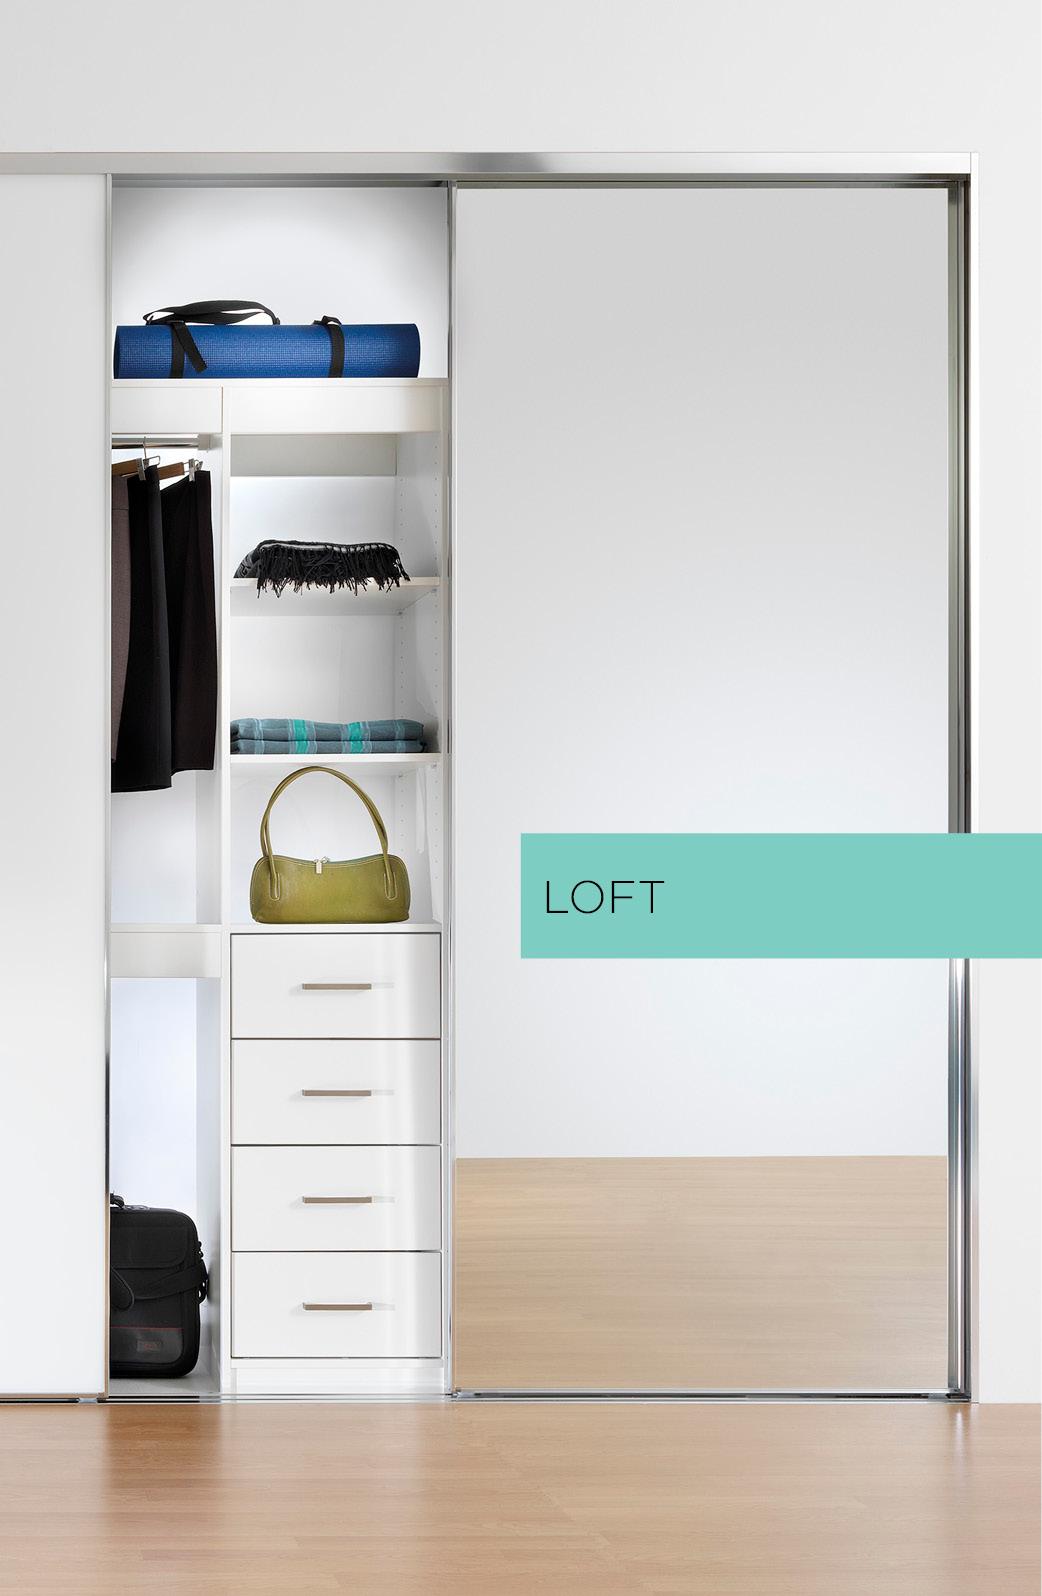 Loft wardrobe door system